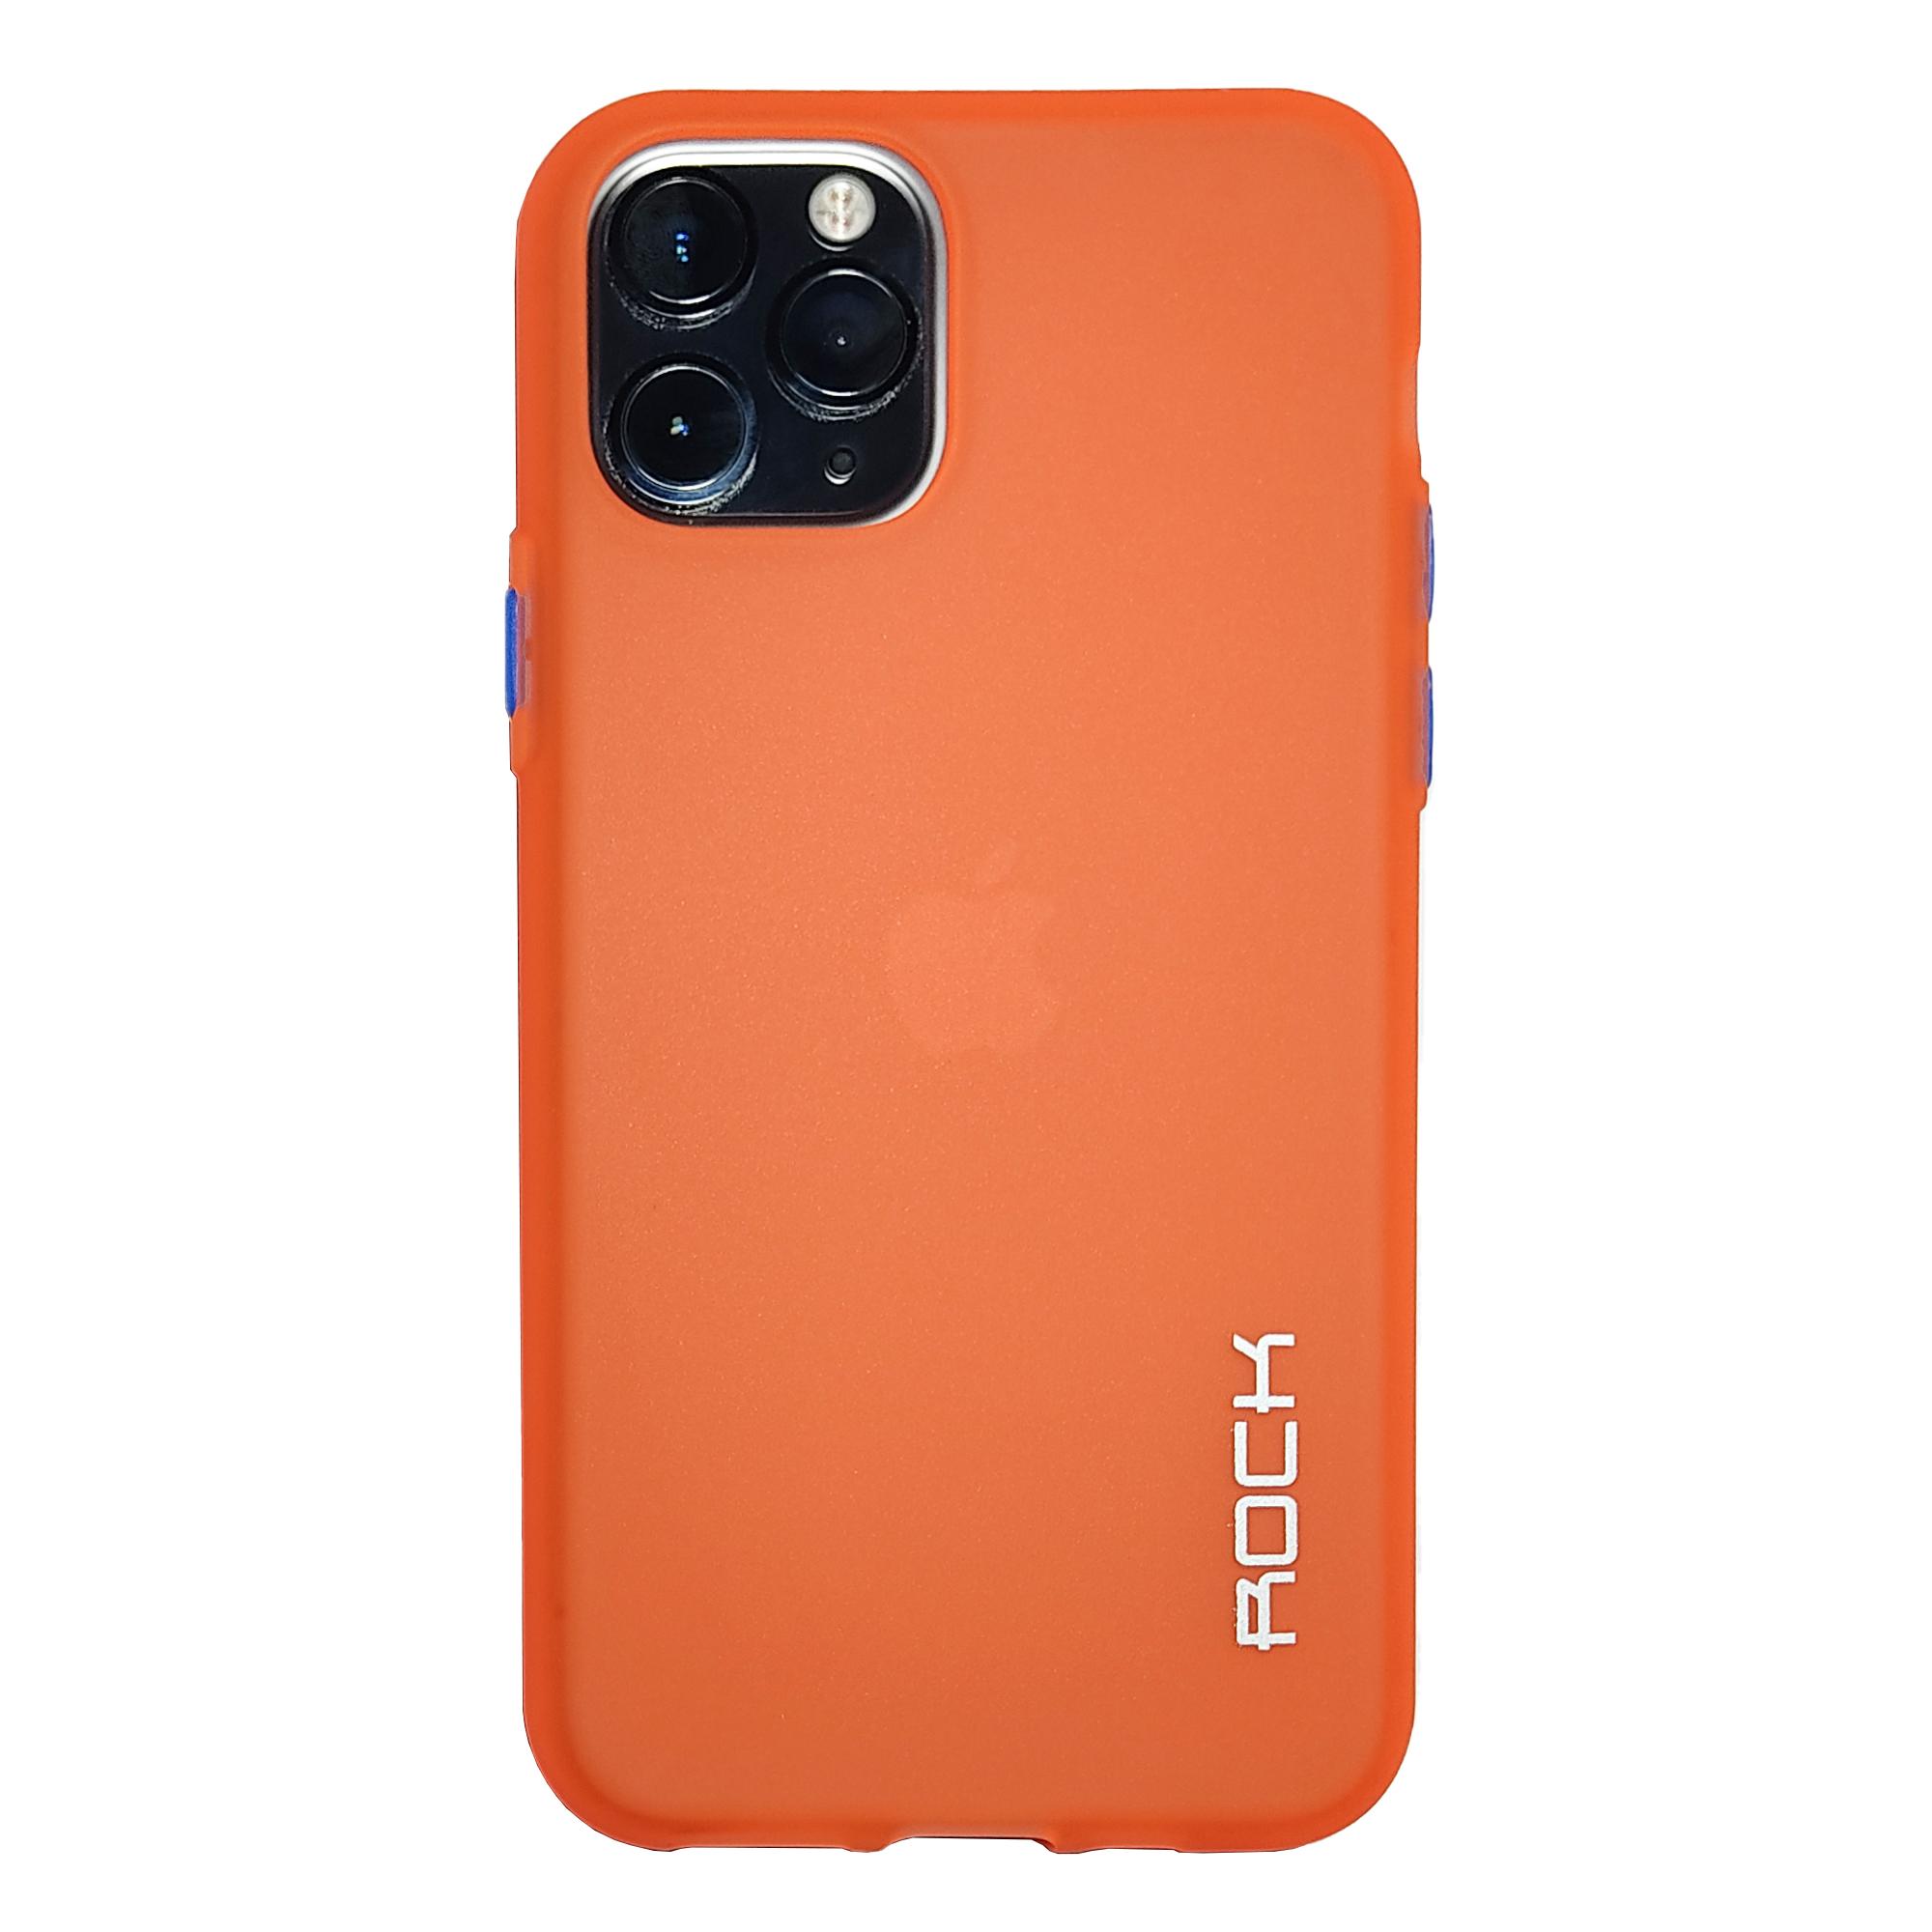 کاور راک مدل SPRT01 مناسب برای گوشی موبایل اپل iPhone 11 Pro thumb 2 8